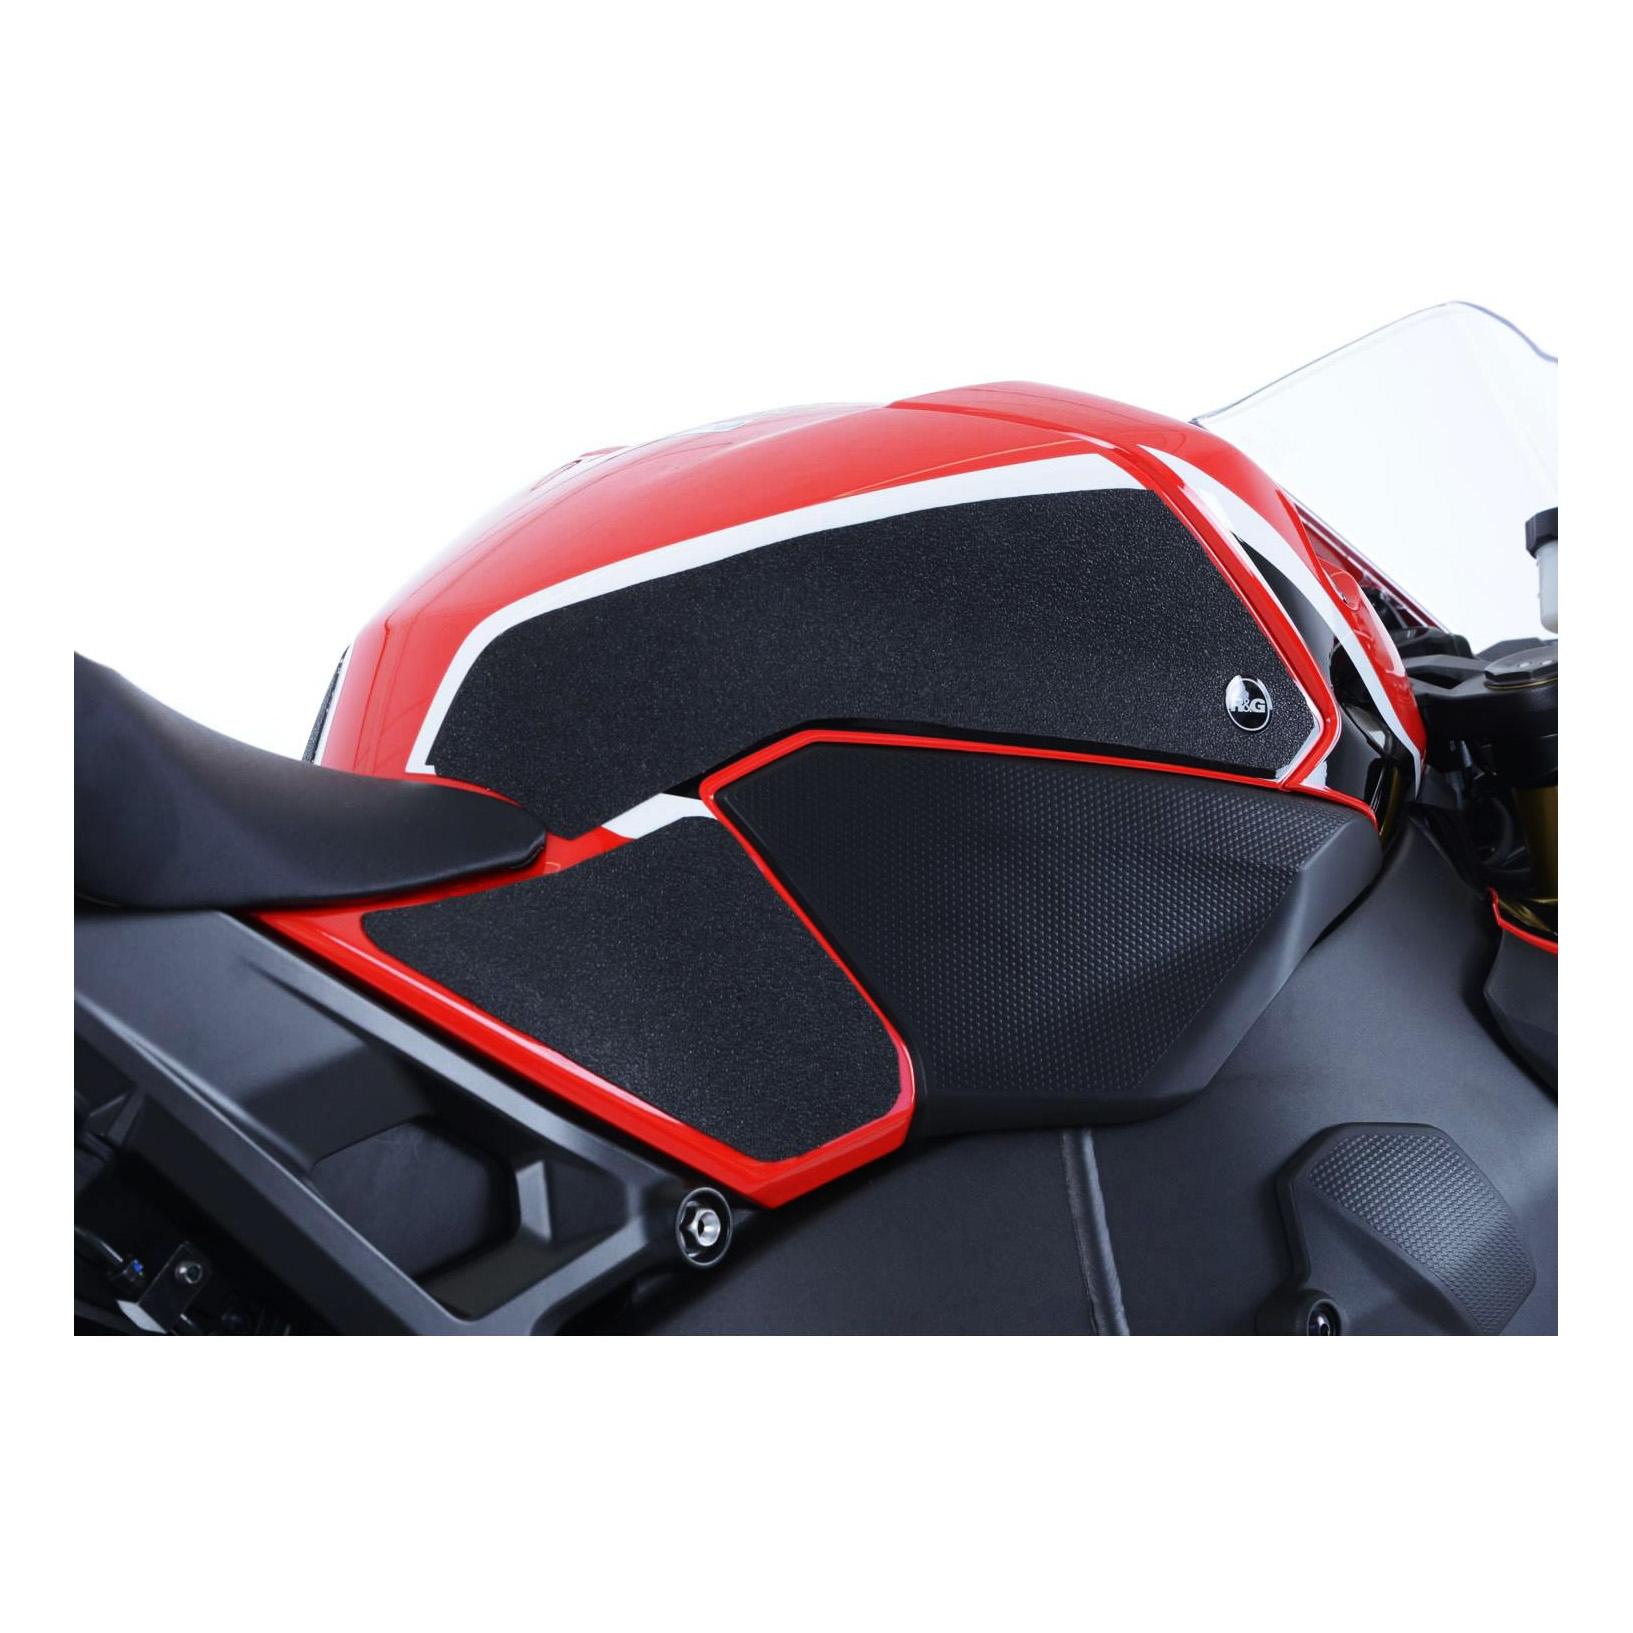 Kit grip de réservoir R&G Racing noir Honda CBR 1000 RR 17-18